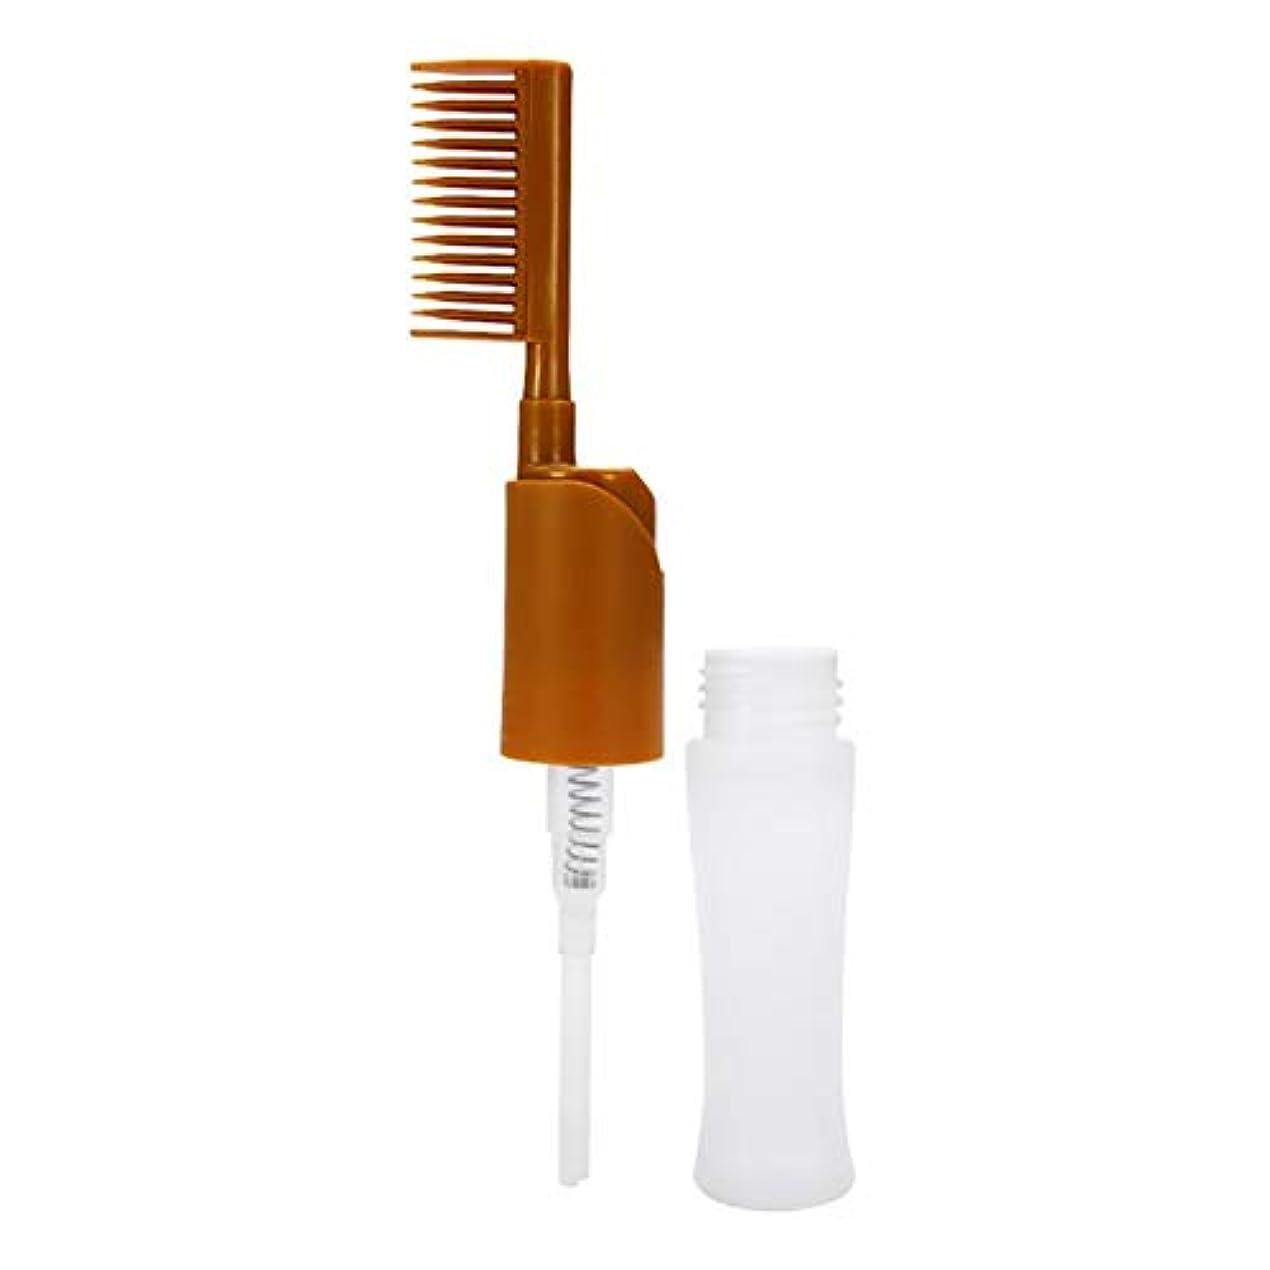 結婚した噴出するなかなか櫛染毛の毛は、プロ型ディスペンサーボトル櫛毛染めアプリケータボトルスタイリングツールの美しさを染めます